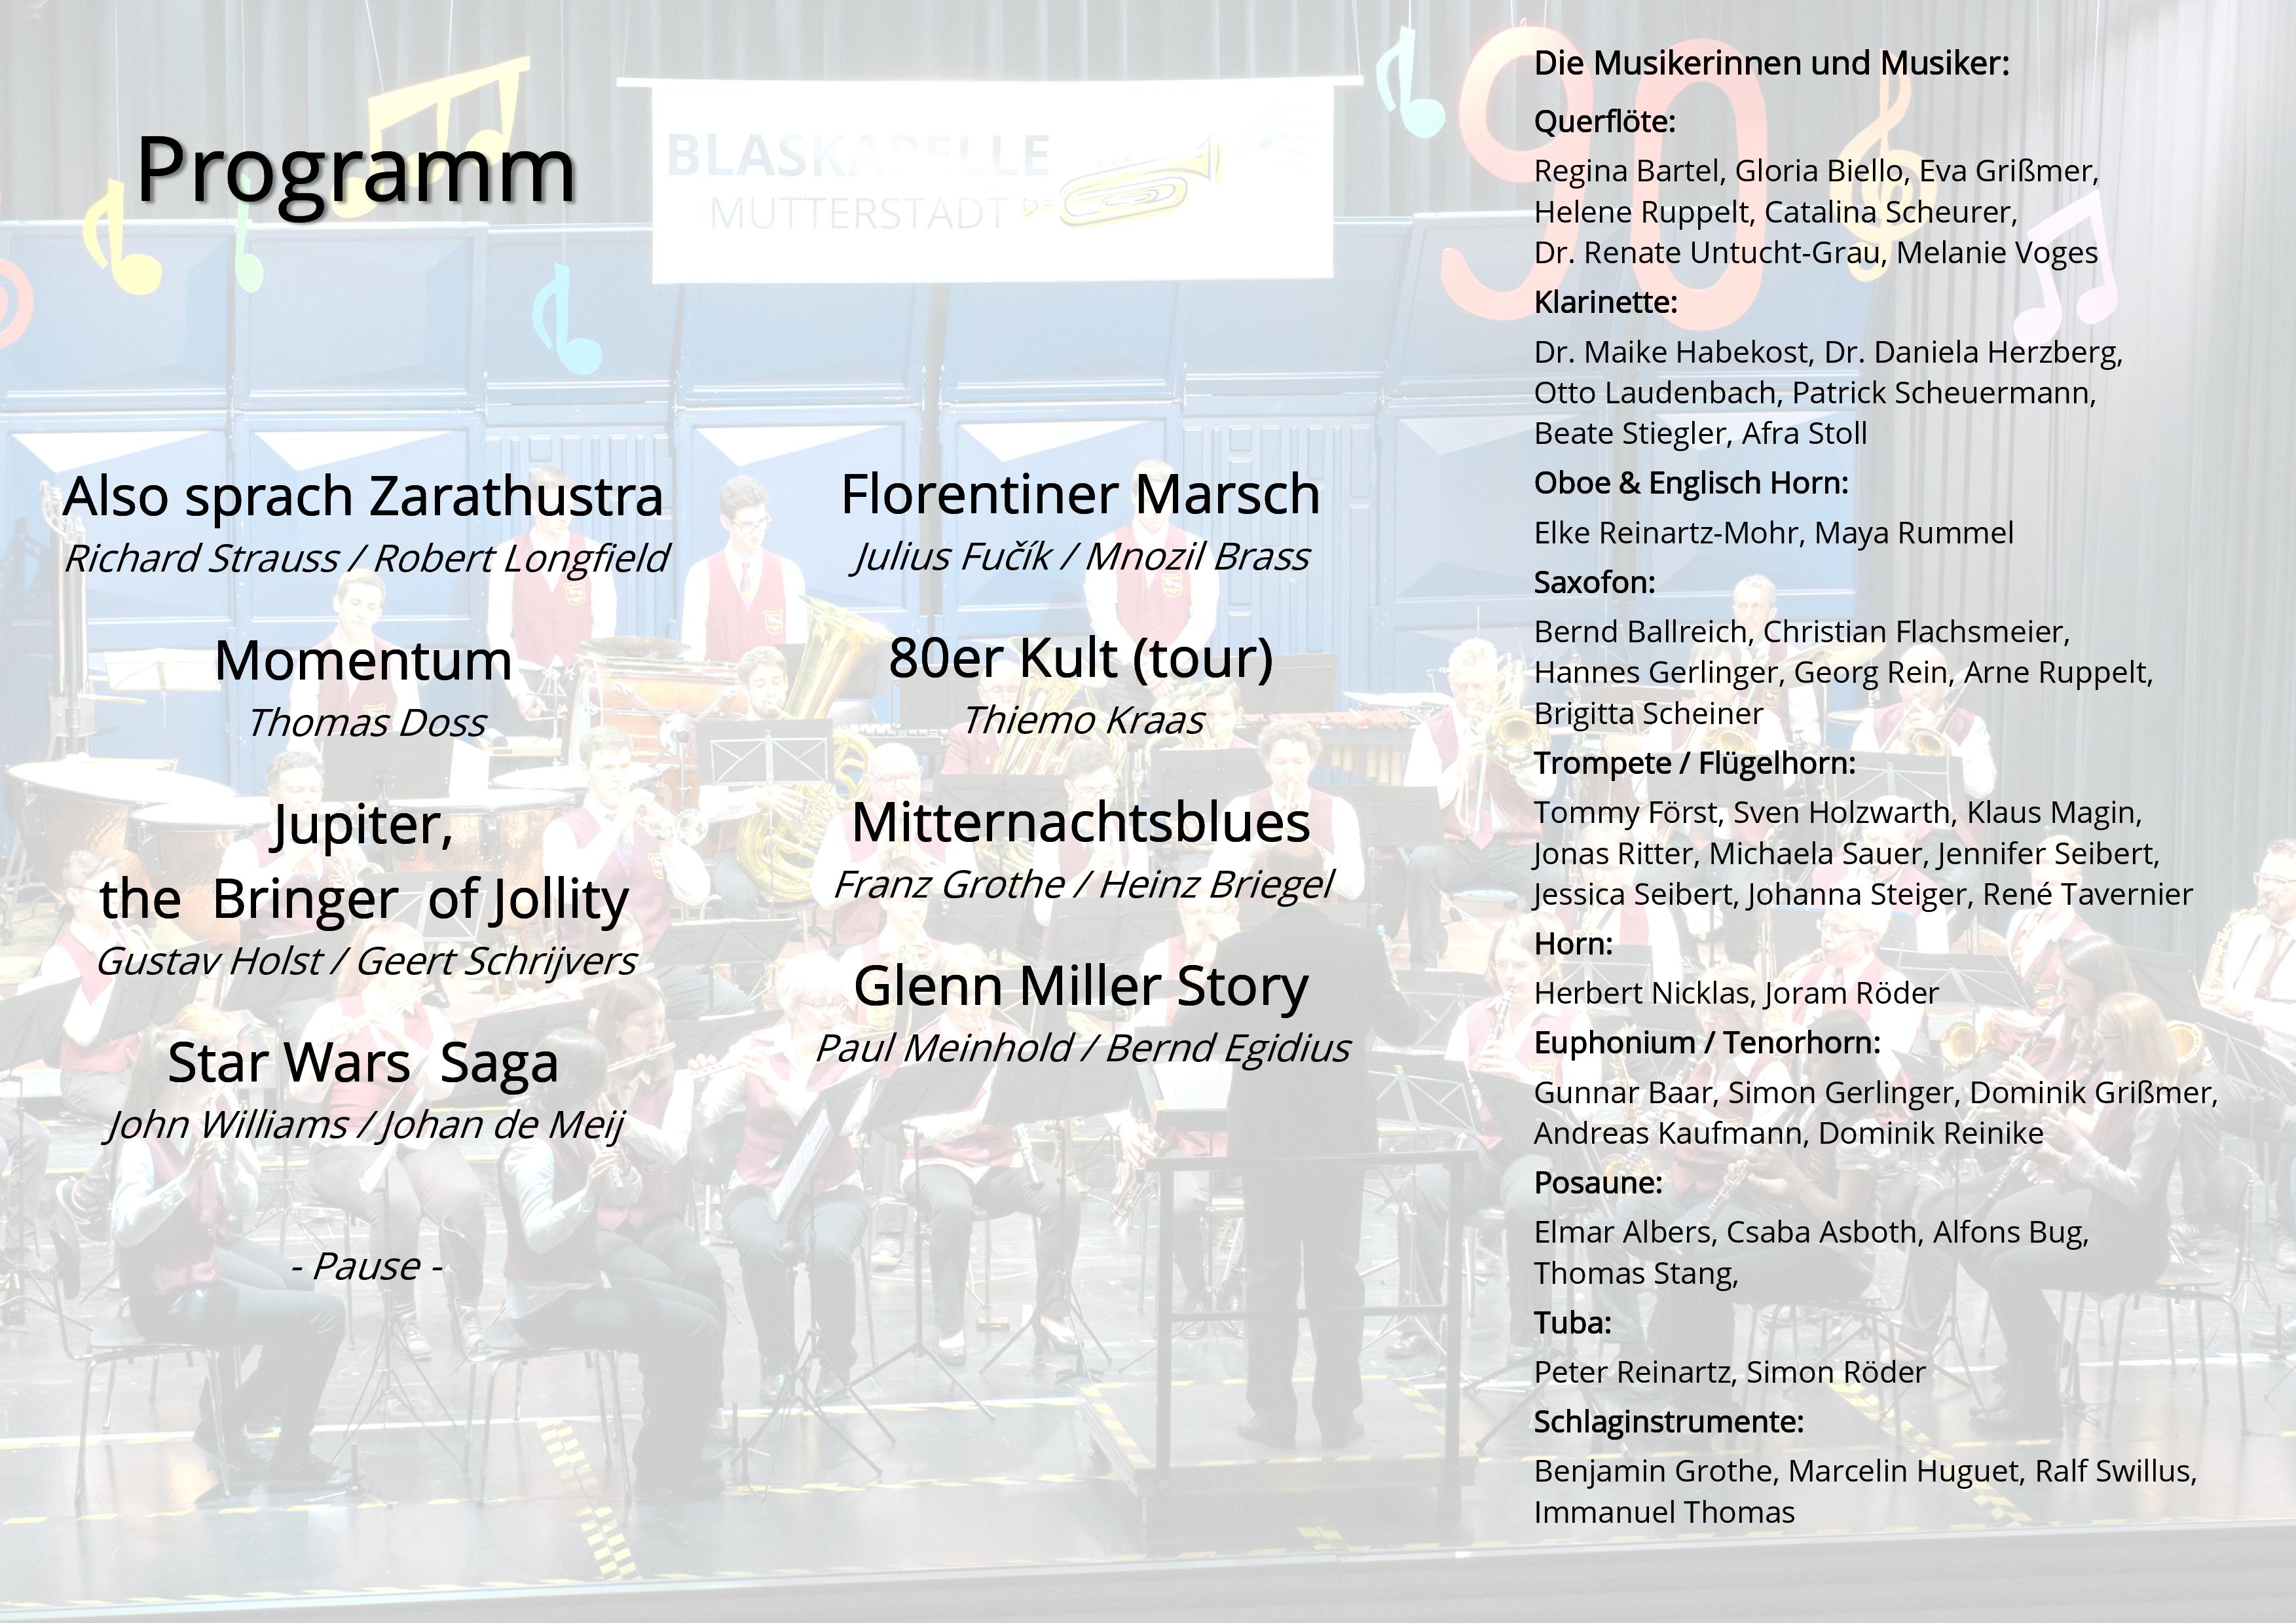 Konzertprogramm-2020-Seiten-2-3-4(innen)_Foto